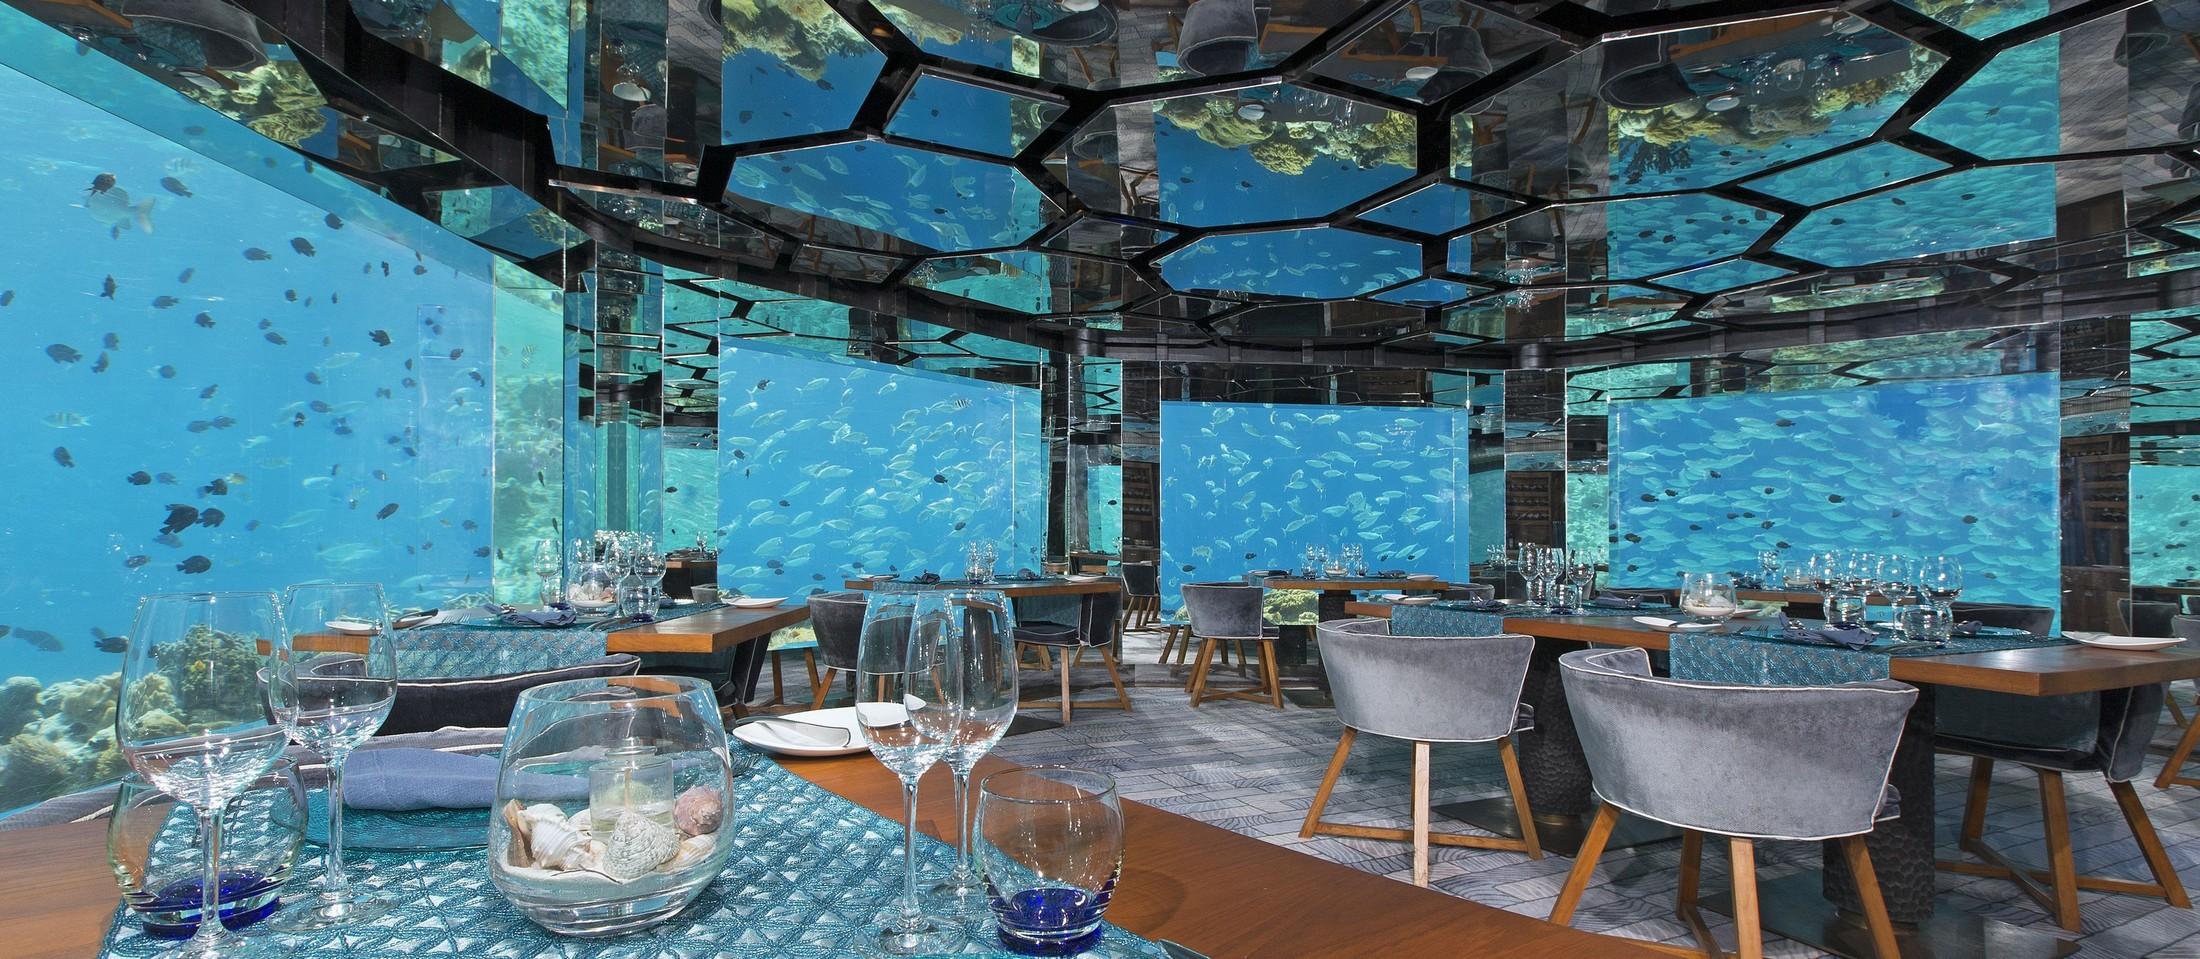 Ithaa Undersea Restaurant, Rangali Island